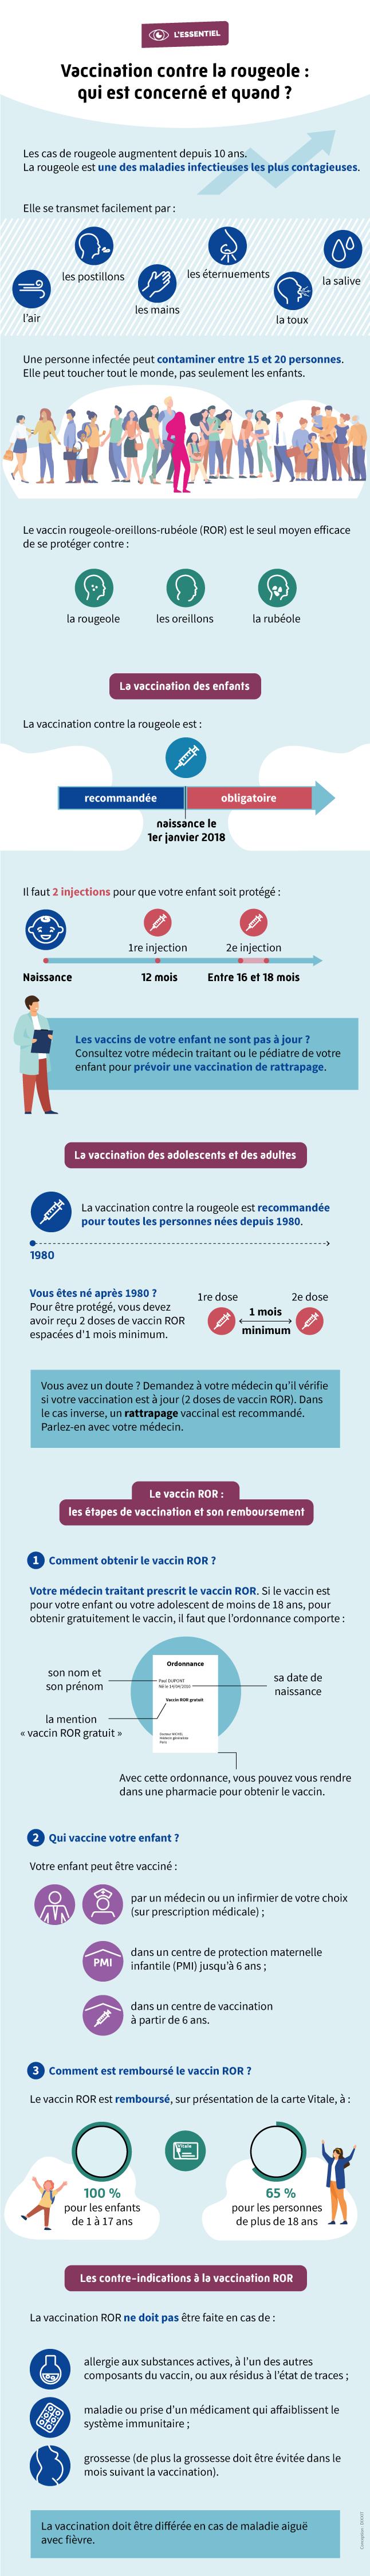 Infographie présentant l'intérêt de la vaccination contre la rougeole